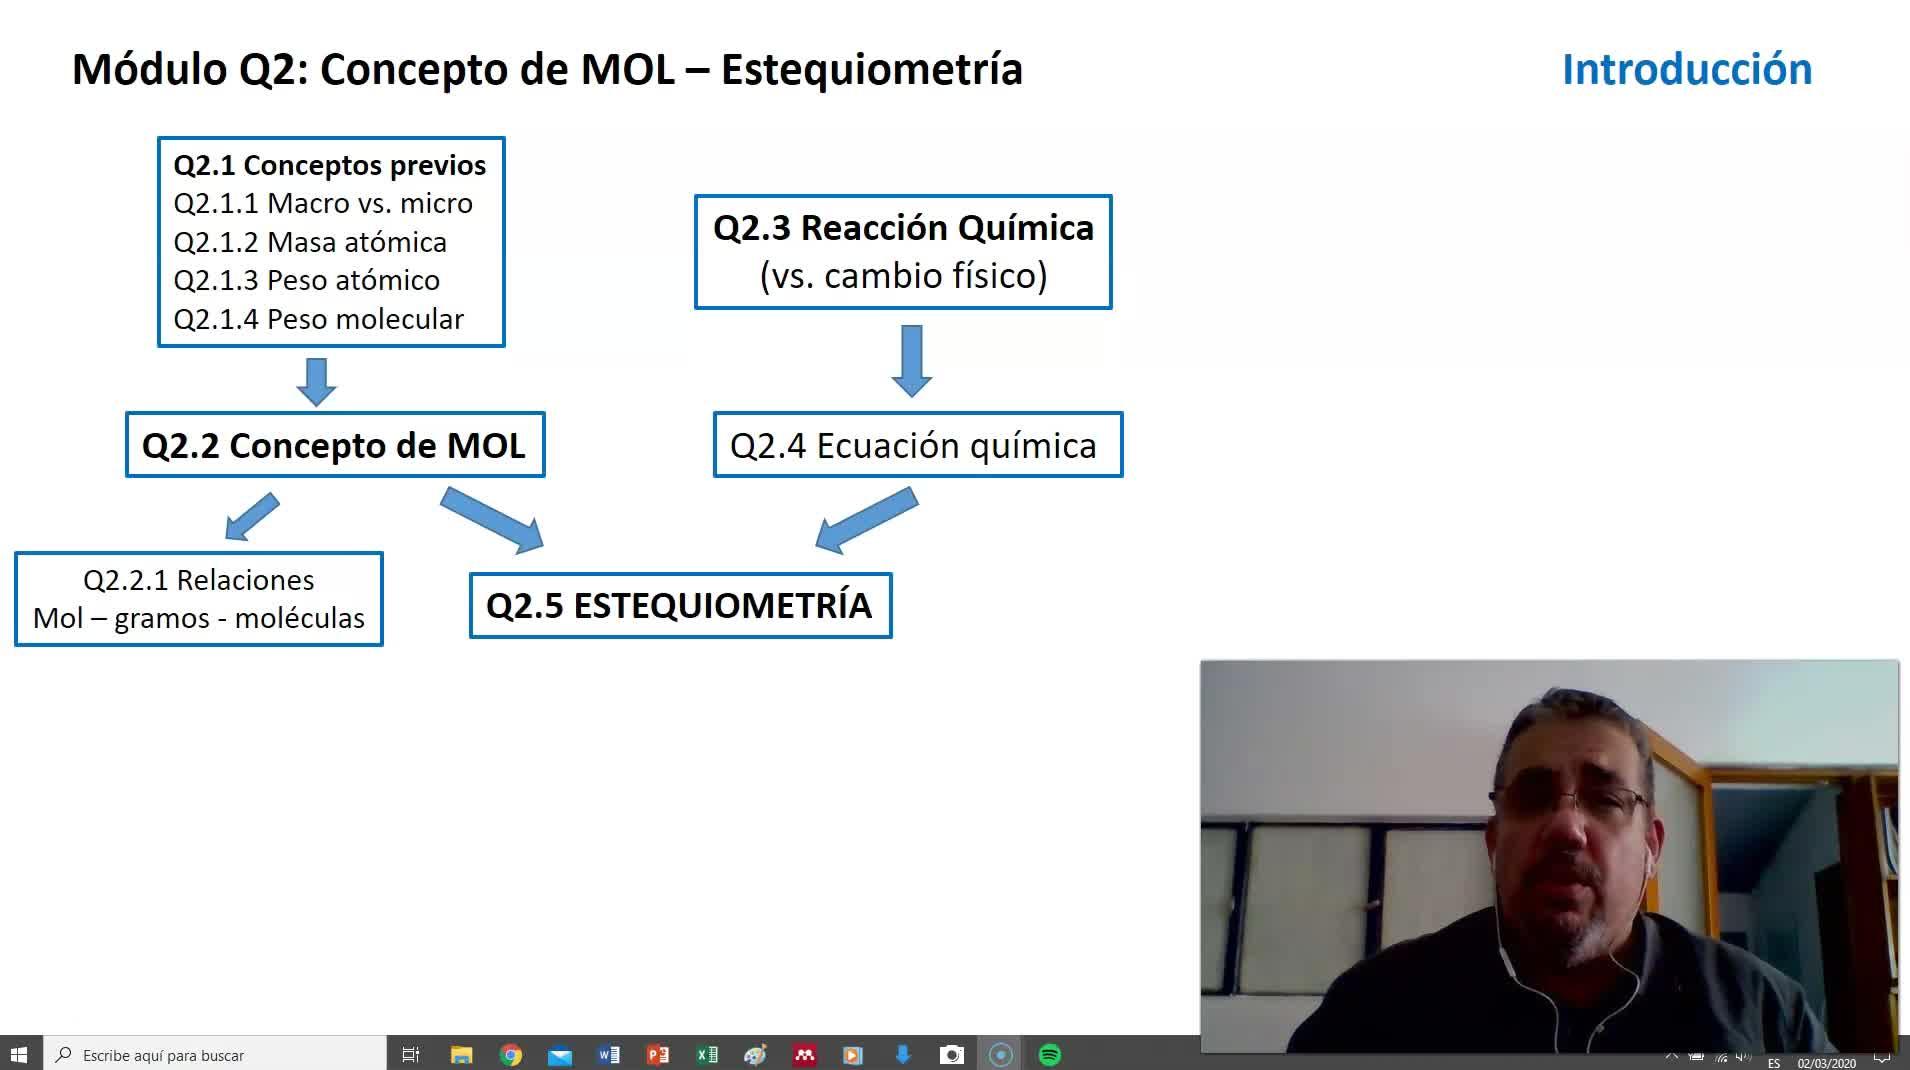 FACTA_LIGGA_ NAMOR _Q2 - concepto de mol - estequiometría - INTRO